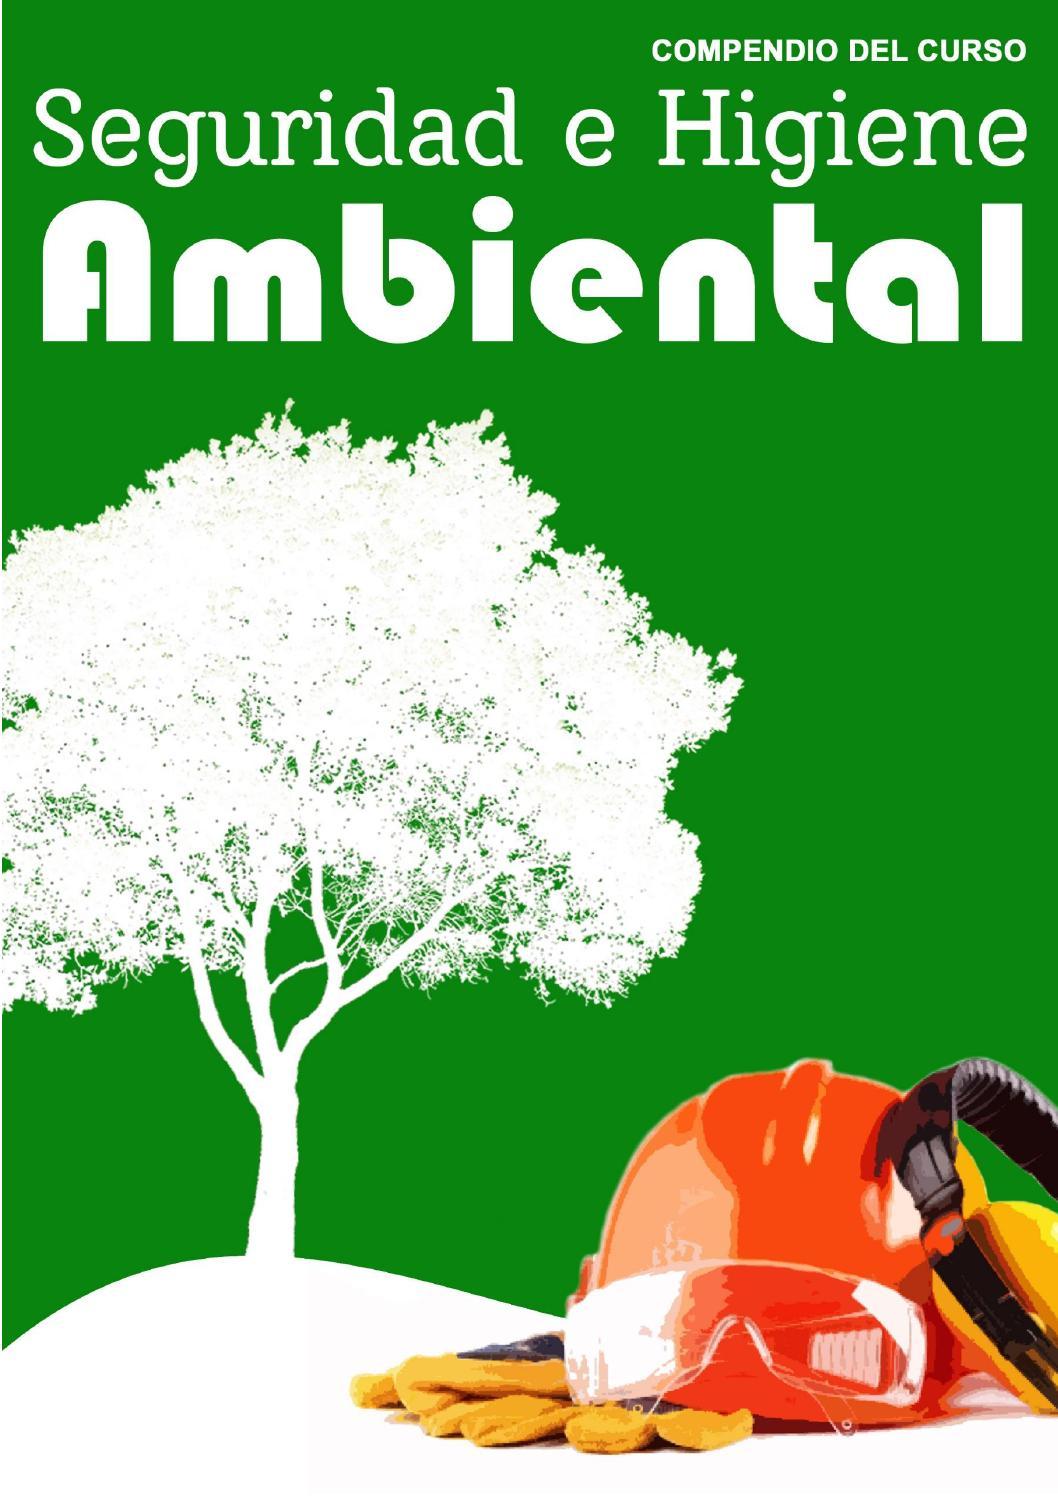 Compendio de seguridad e higiene ambiental by Jilder Michael ...